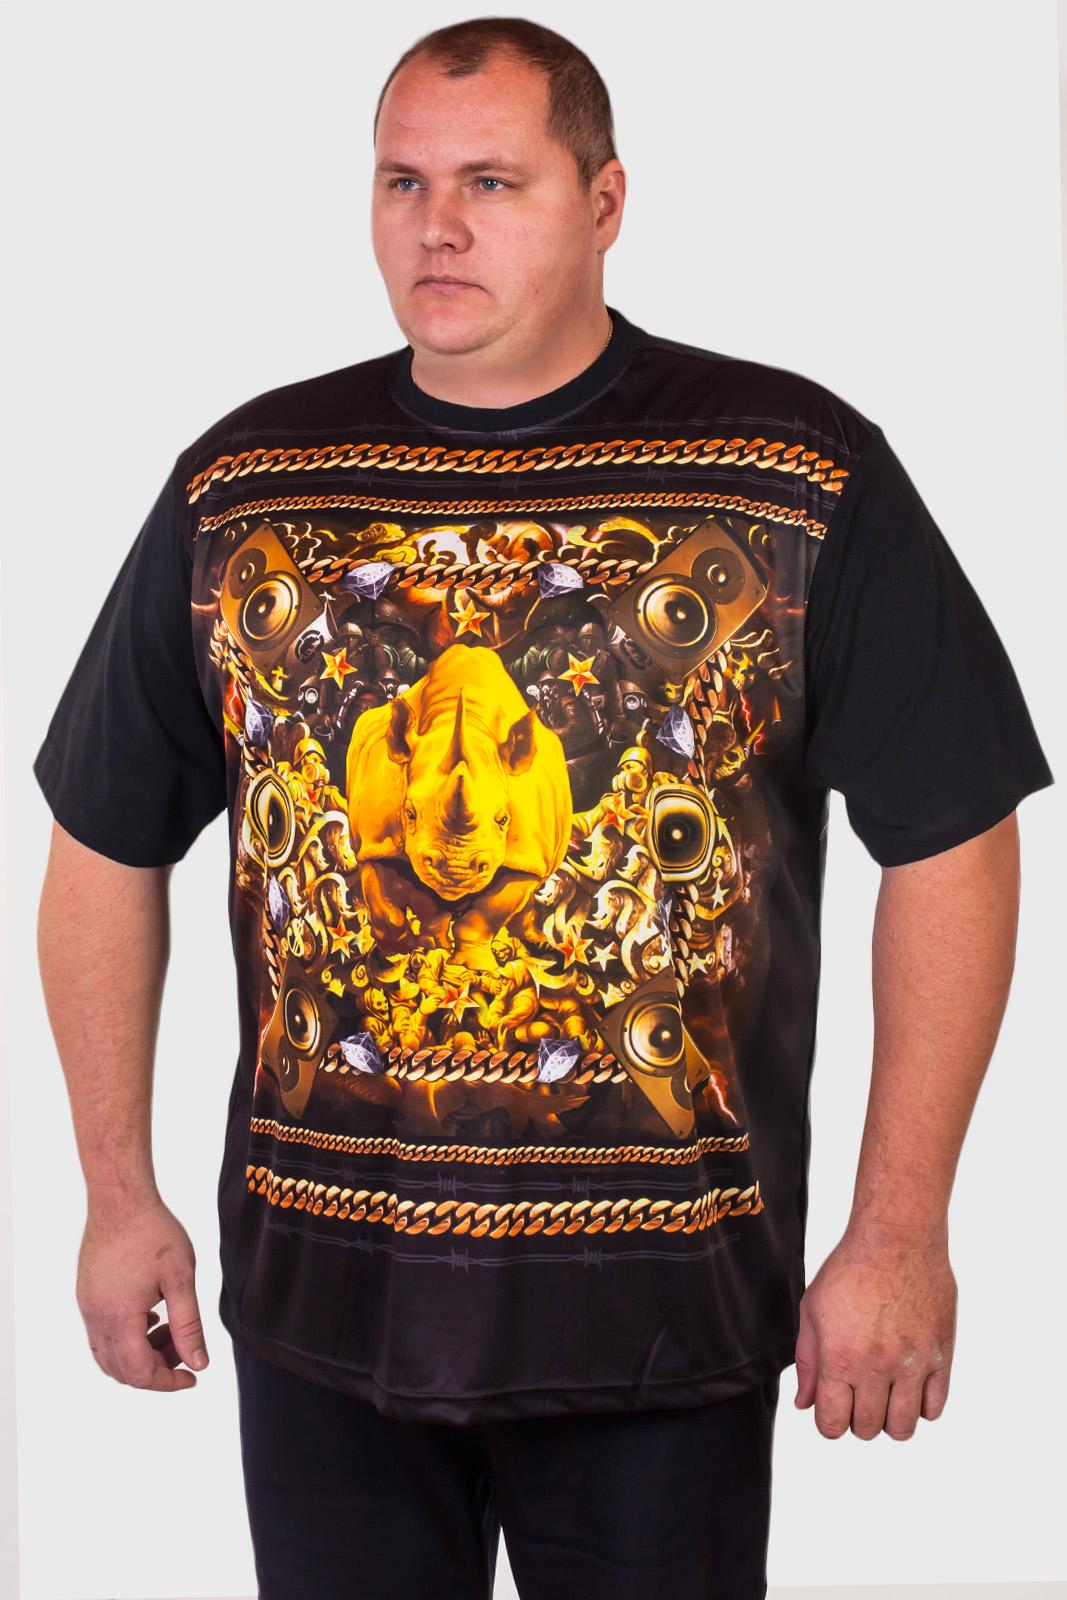 Мужские футболки ECKO UNLTD: большие и очень большие размеры